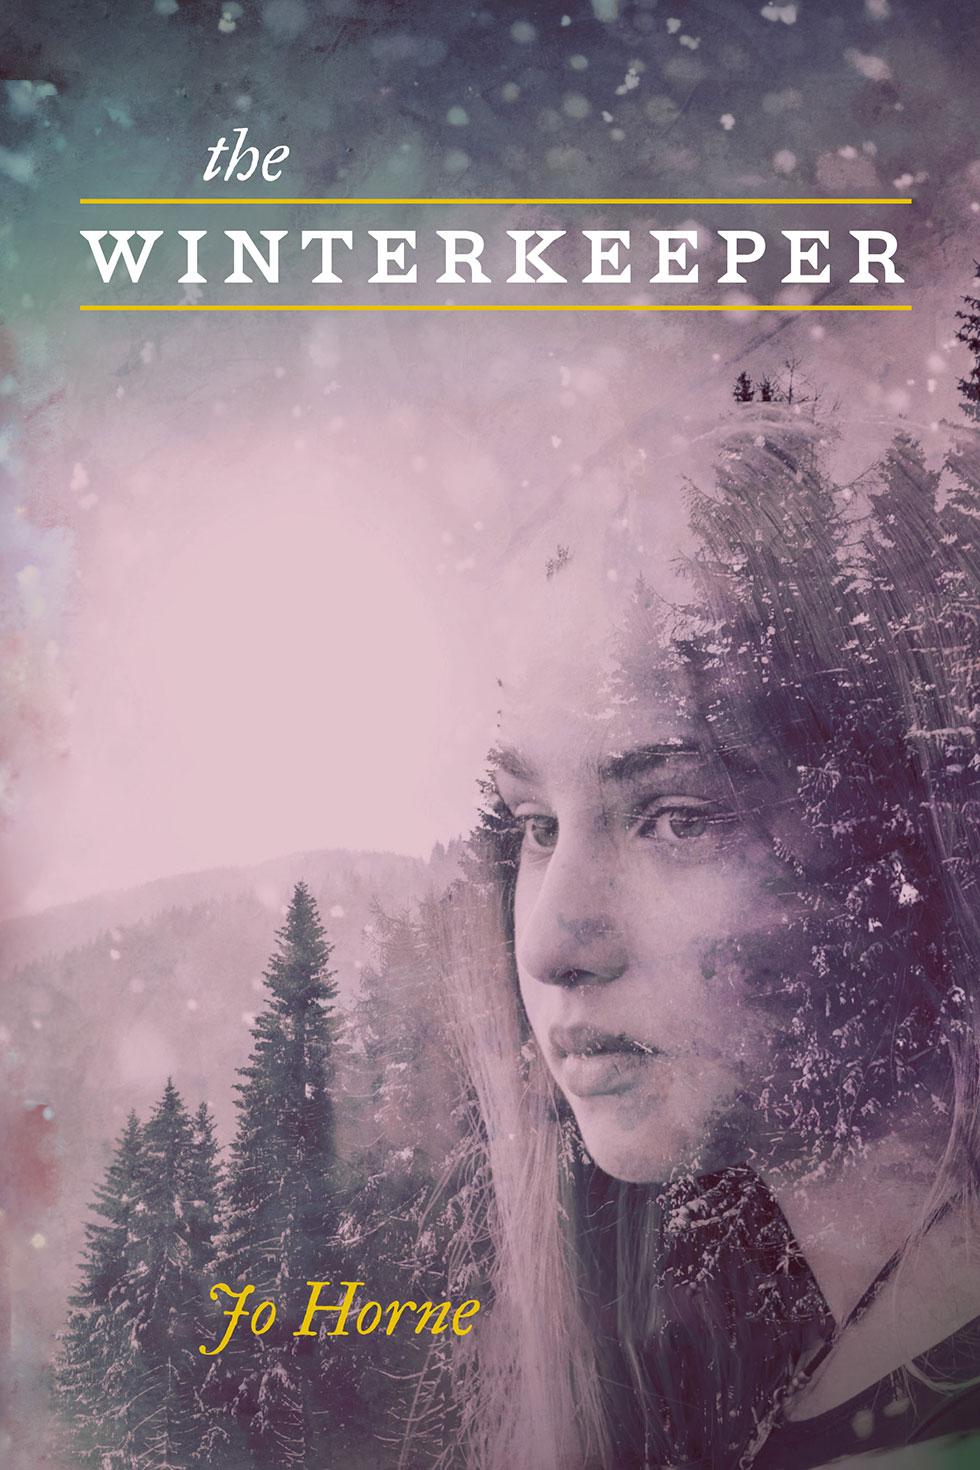 The Winterkeeper by Jo Horne